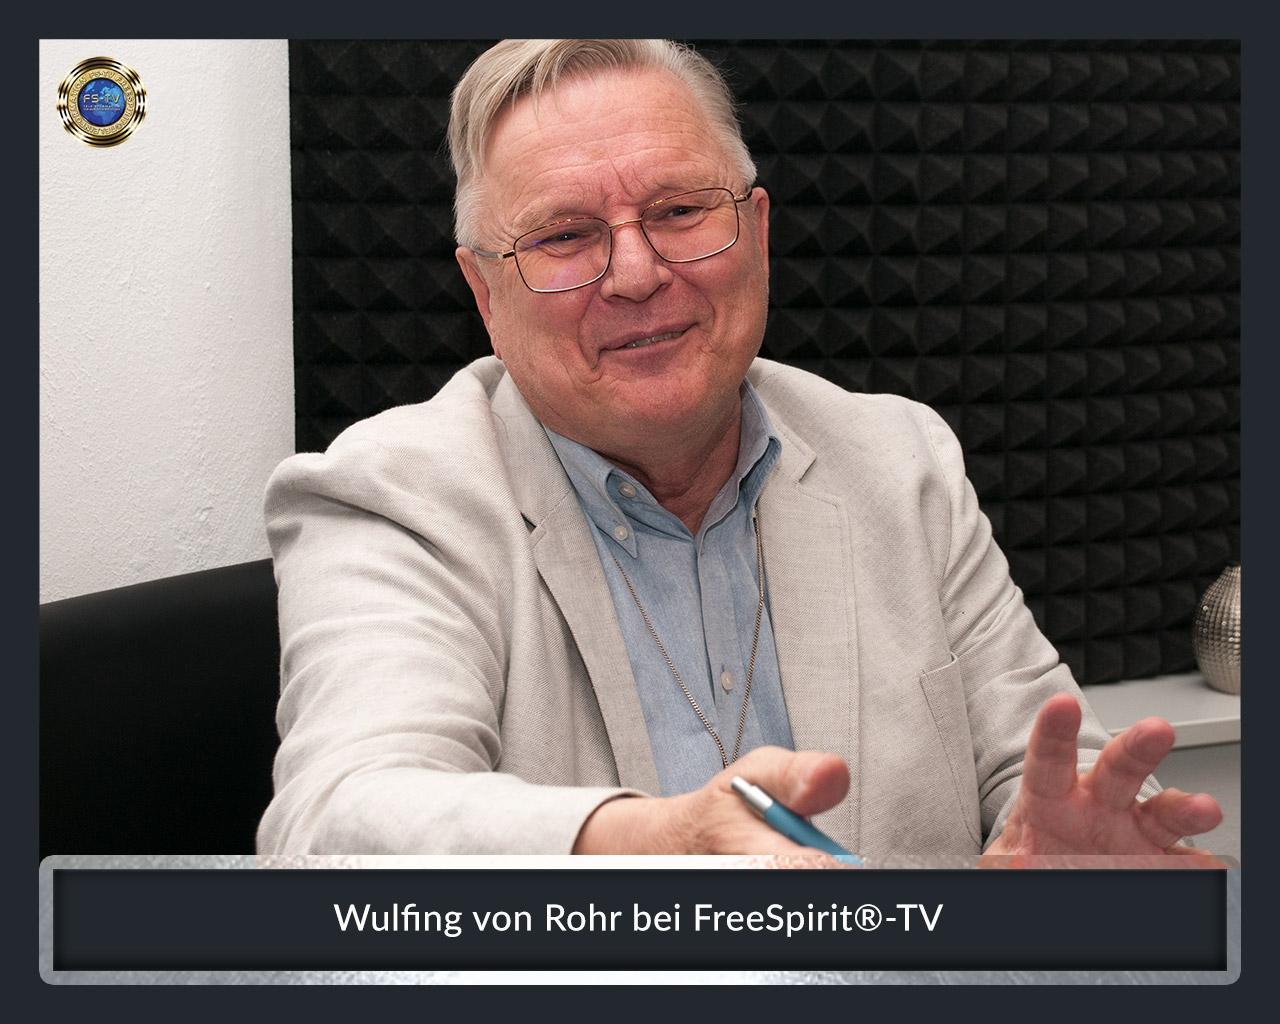 FS-TV-Bildergallerie-Wulfing-1